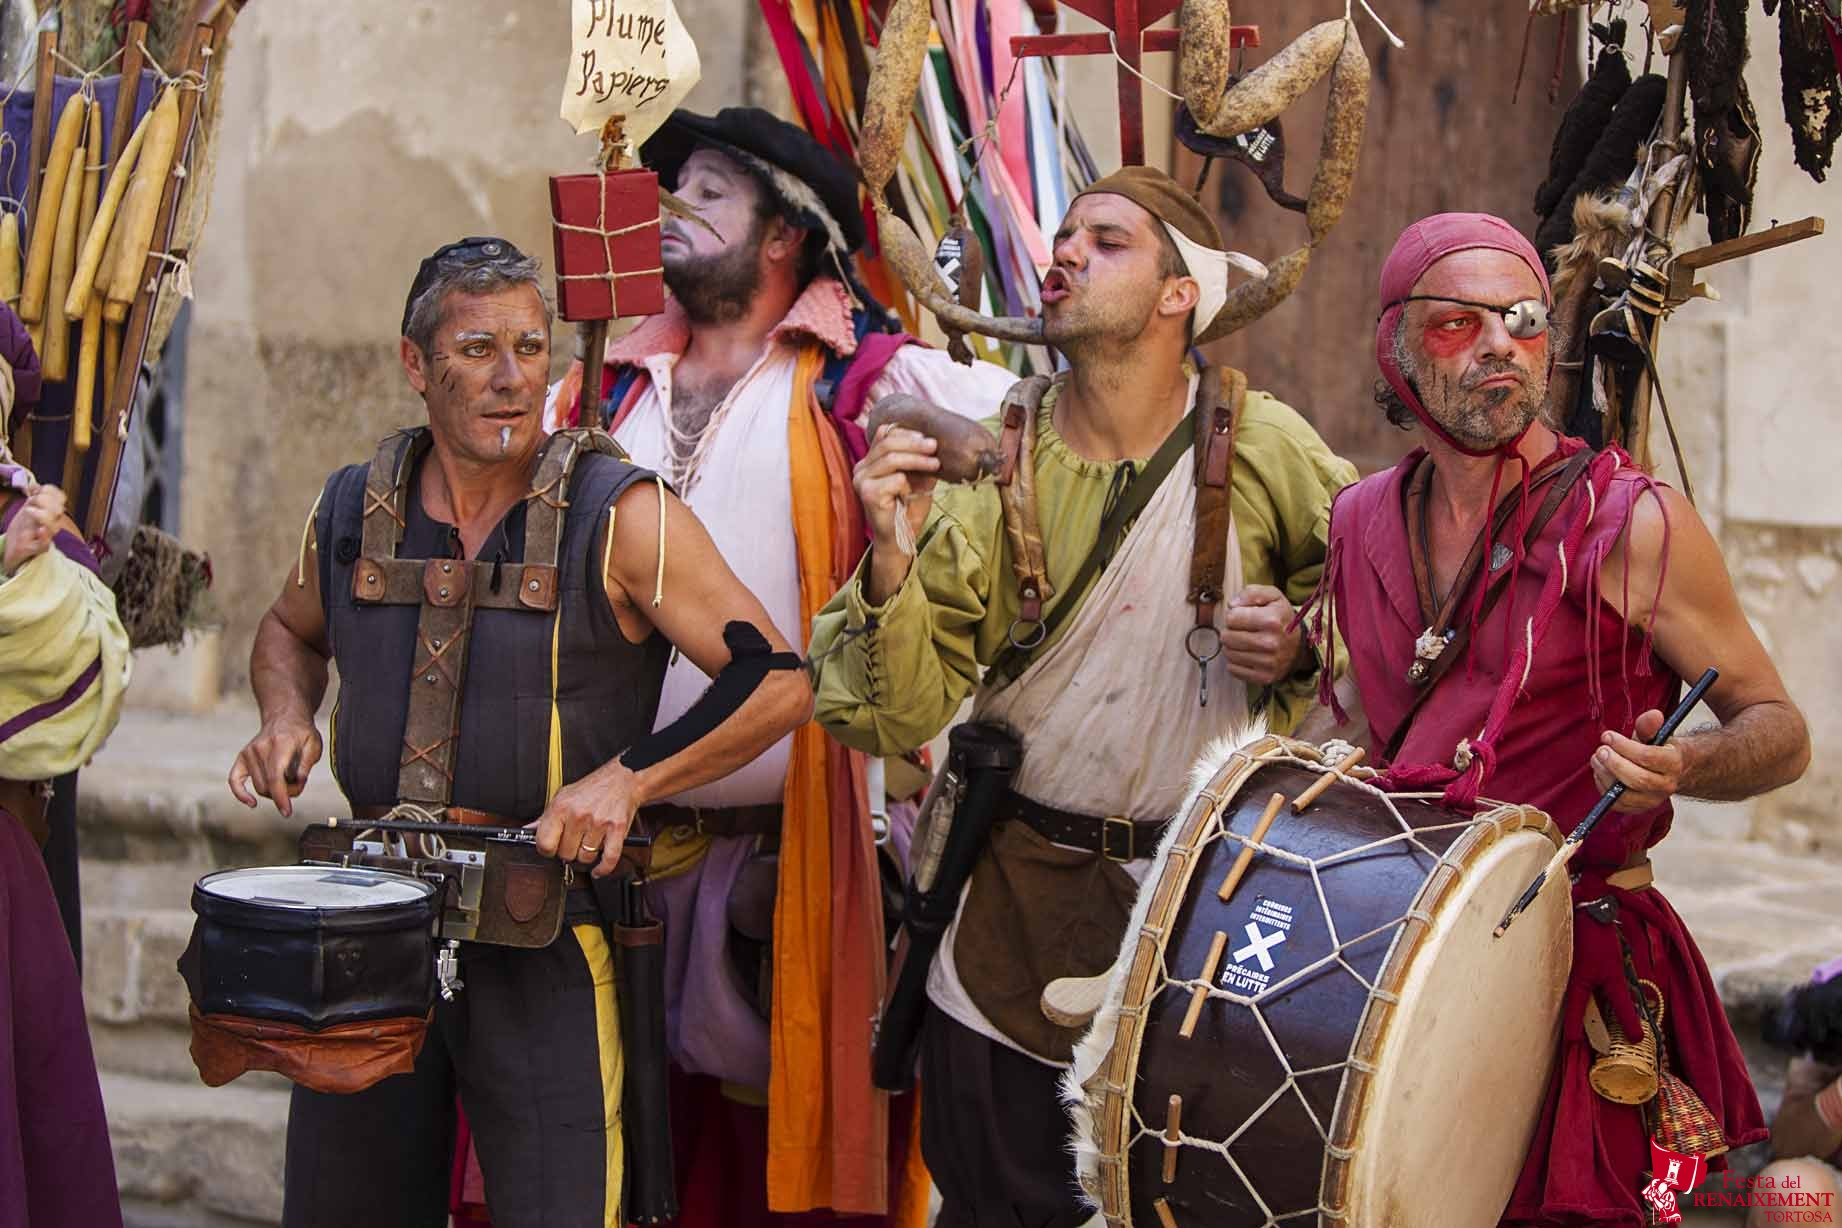 Fiesta del Renacimiento de Tortosa 23-26 julio 2015